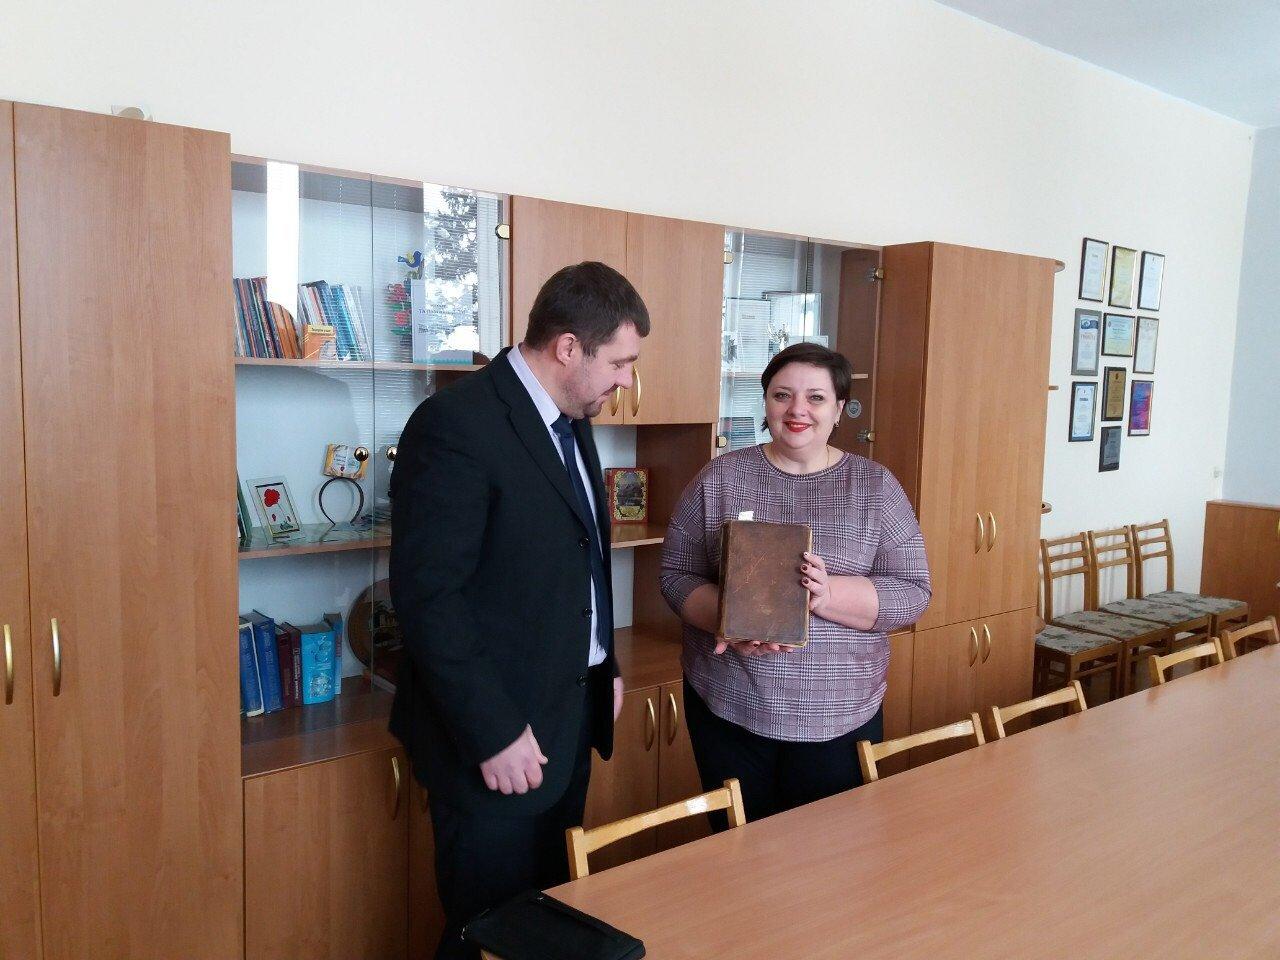 Запорожский краеведческий музей и областная библиотека получили новые экспонаты, фото-3